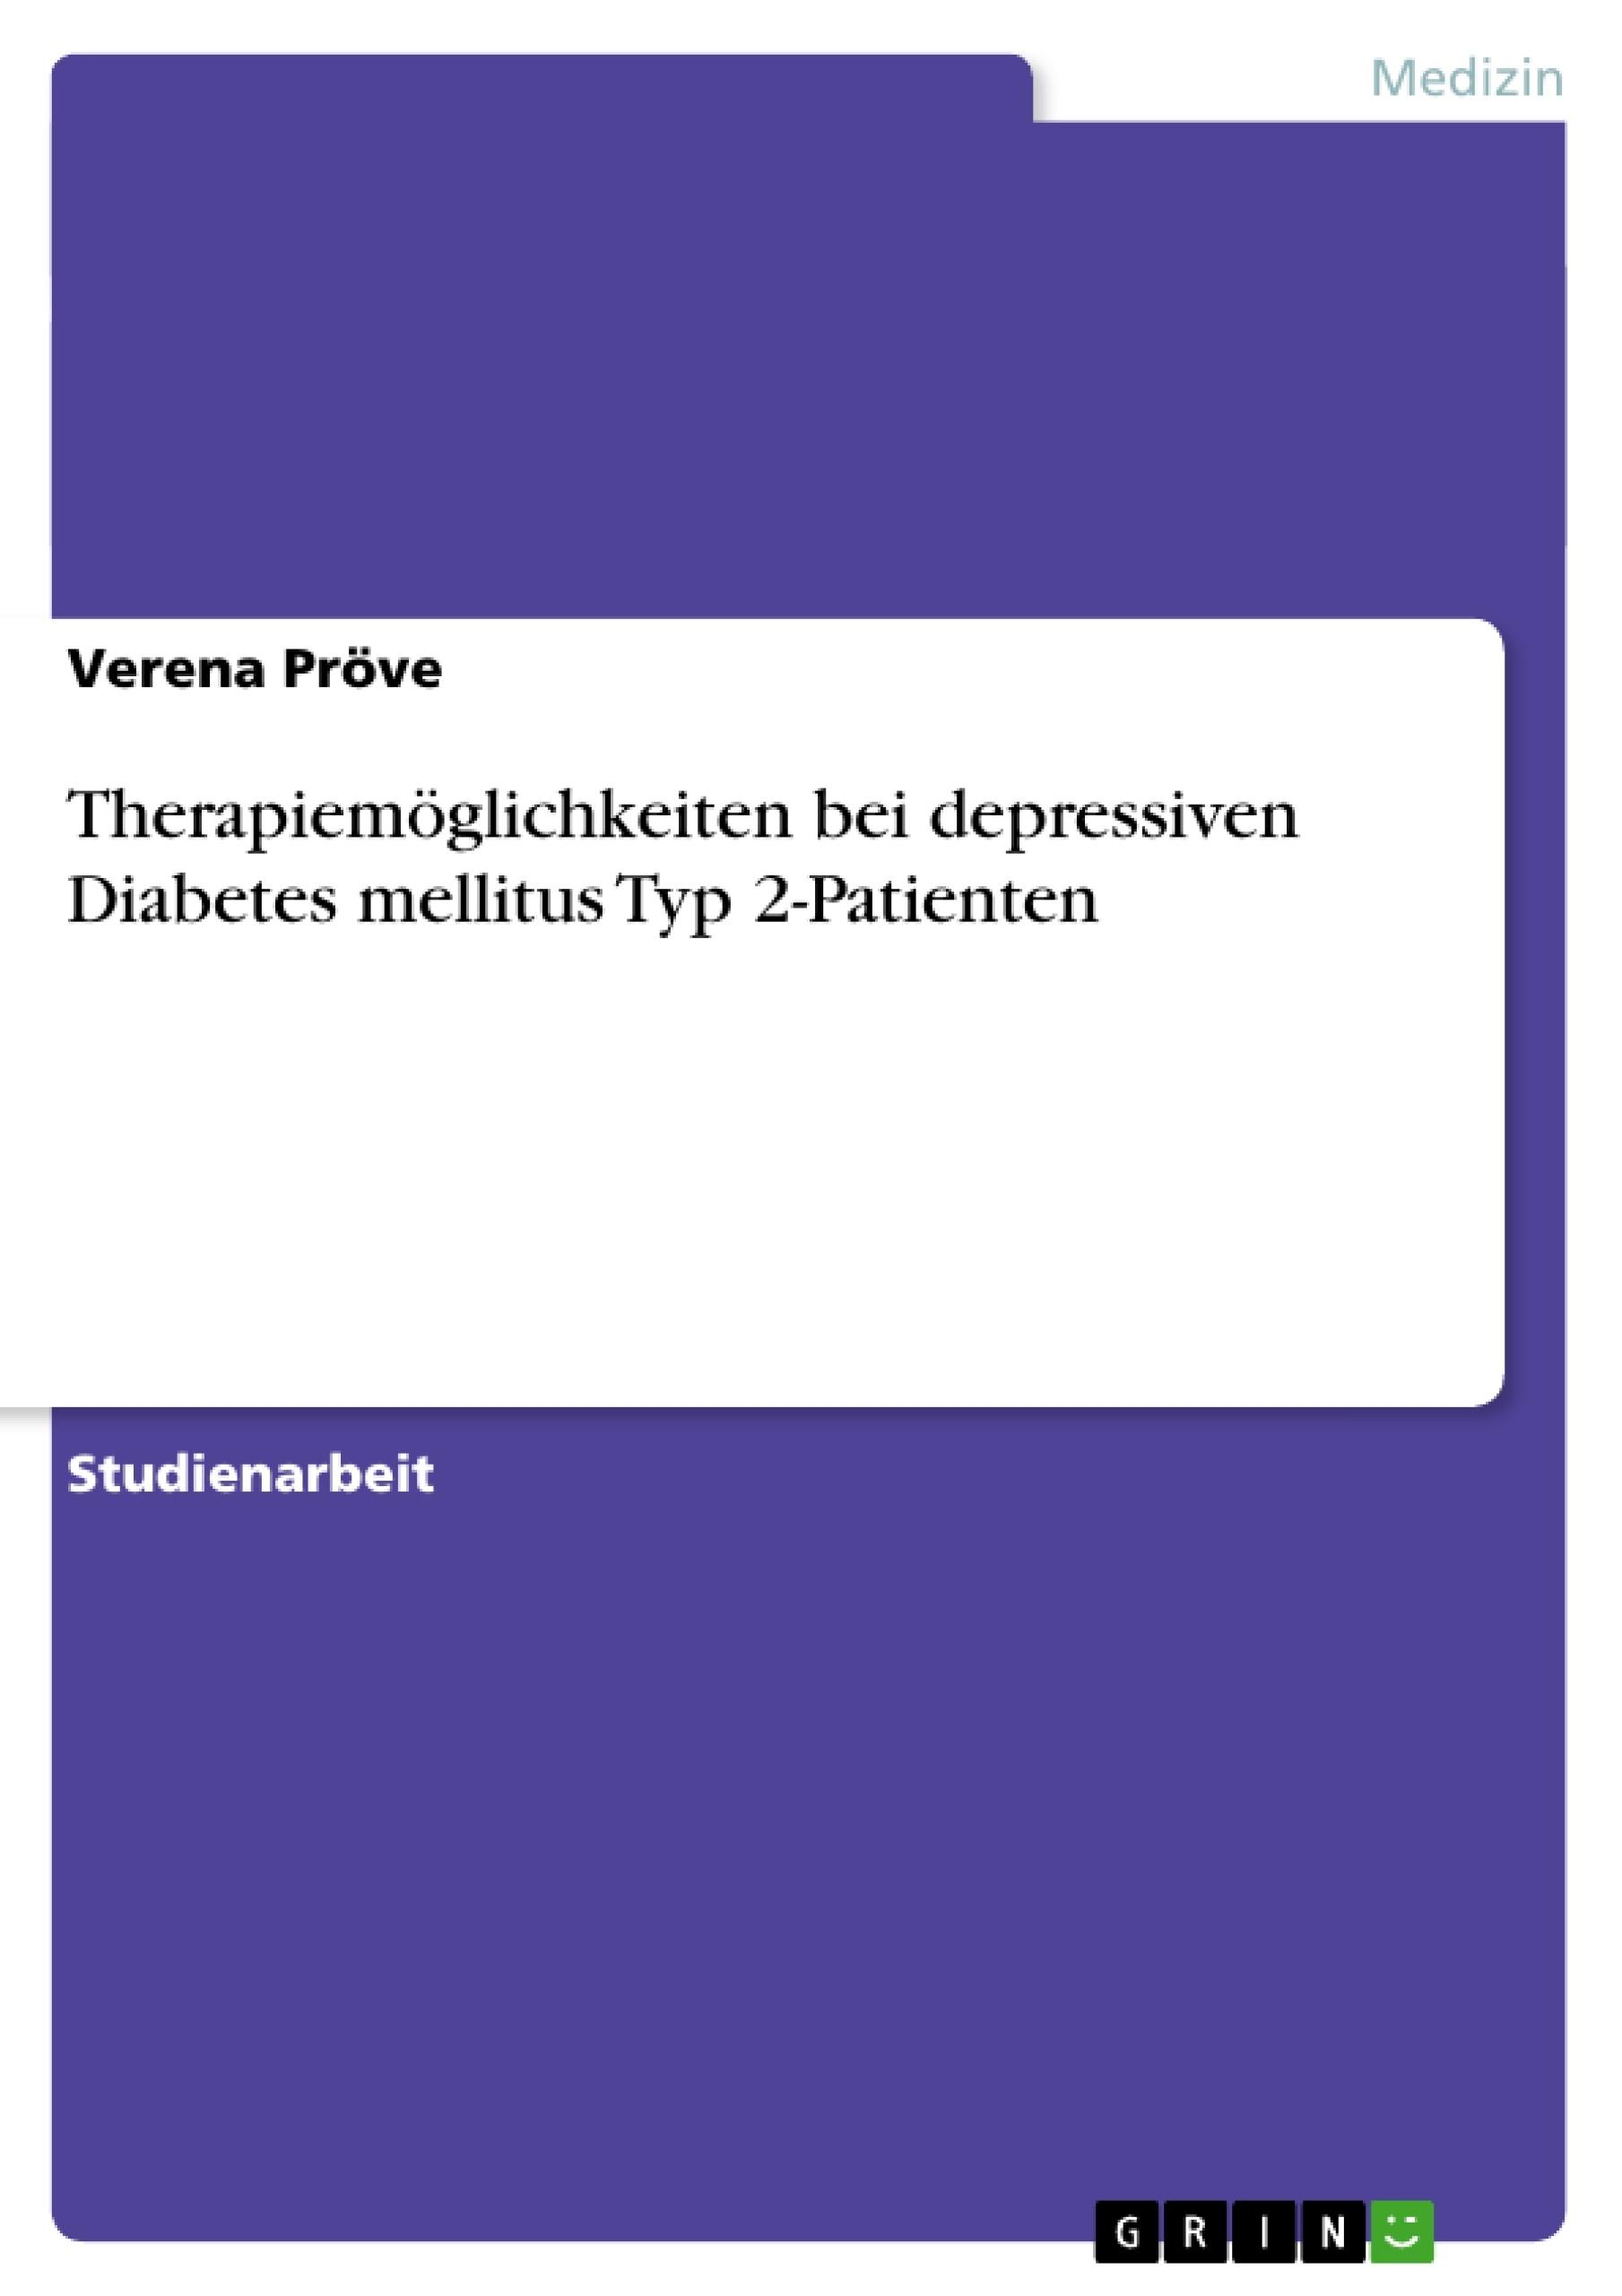 Titel: Therapiemöglichkeiten bei depressiven Diabetes mellitus Typ 2-Patienten